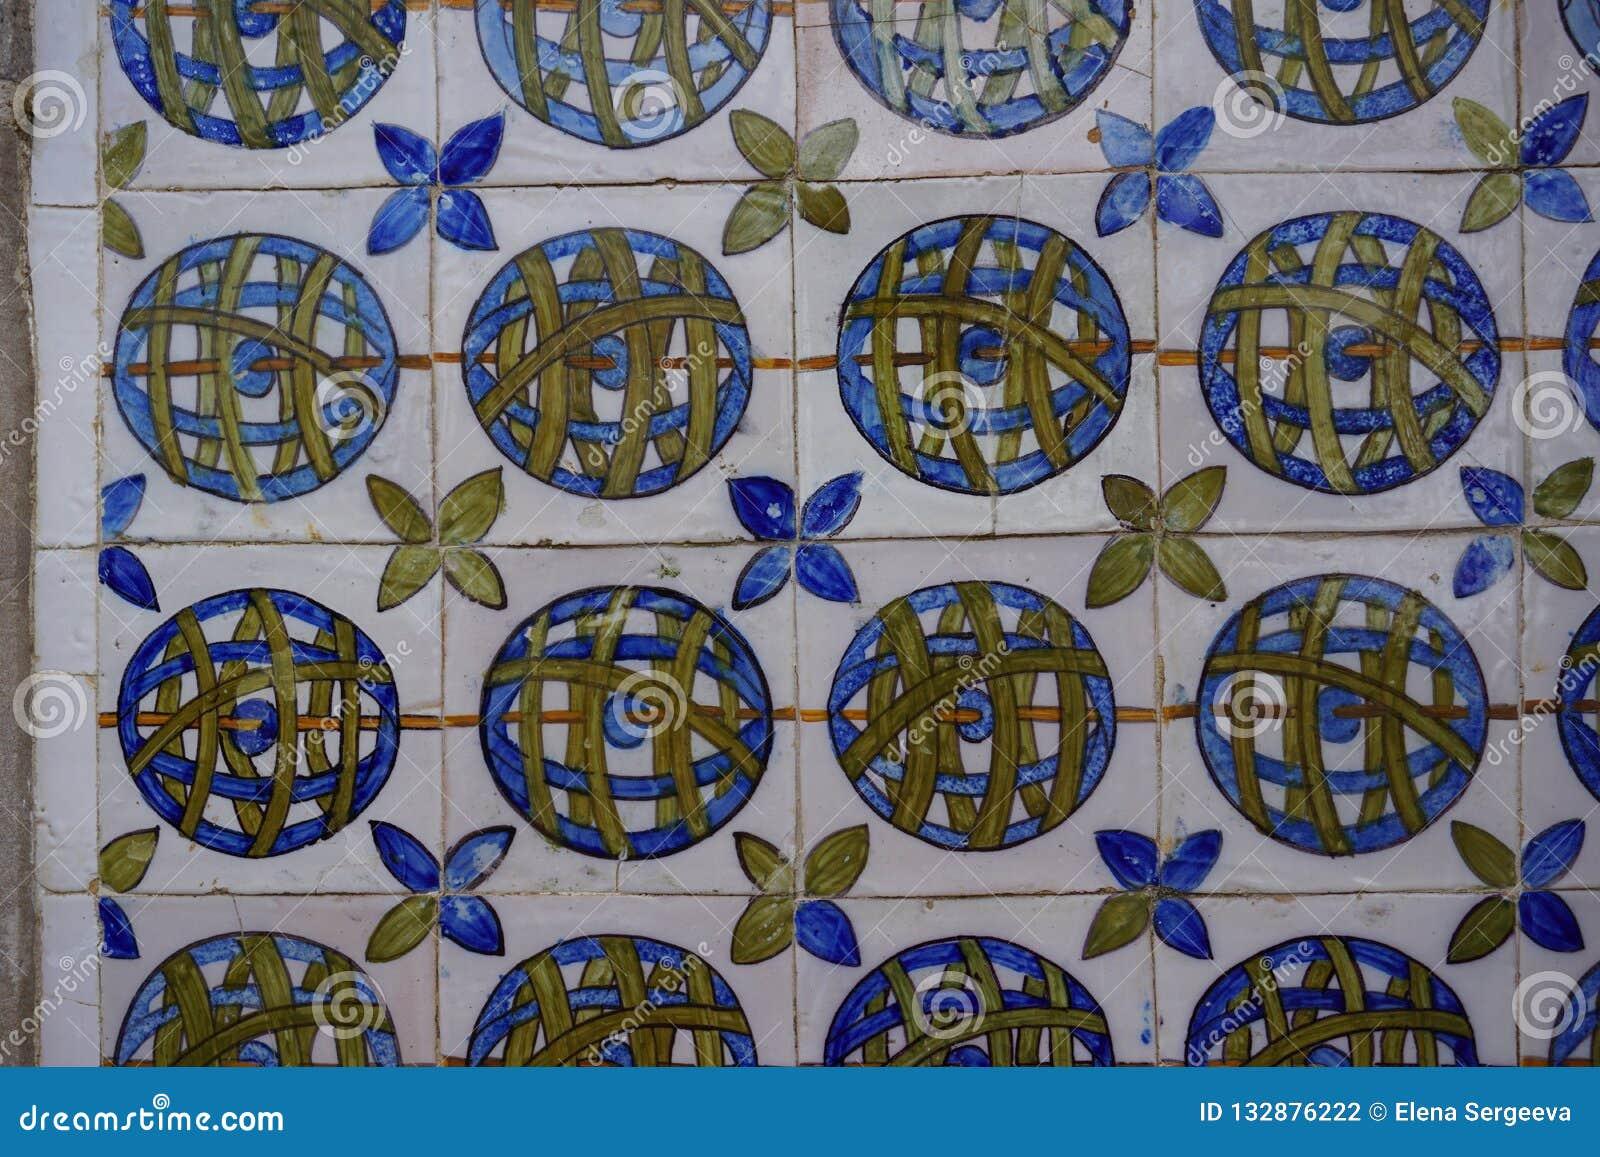 葡萄牙语绘了辛特拉宫的给锡上釉的瓷砖Azulejos